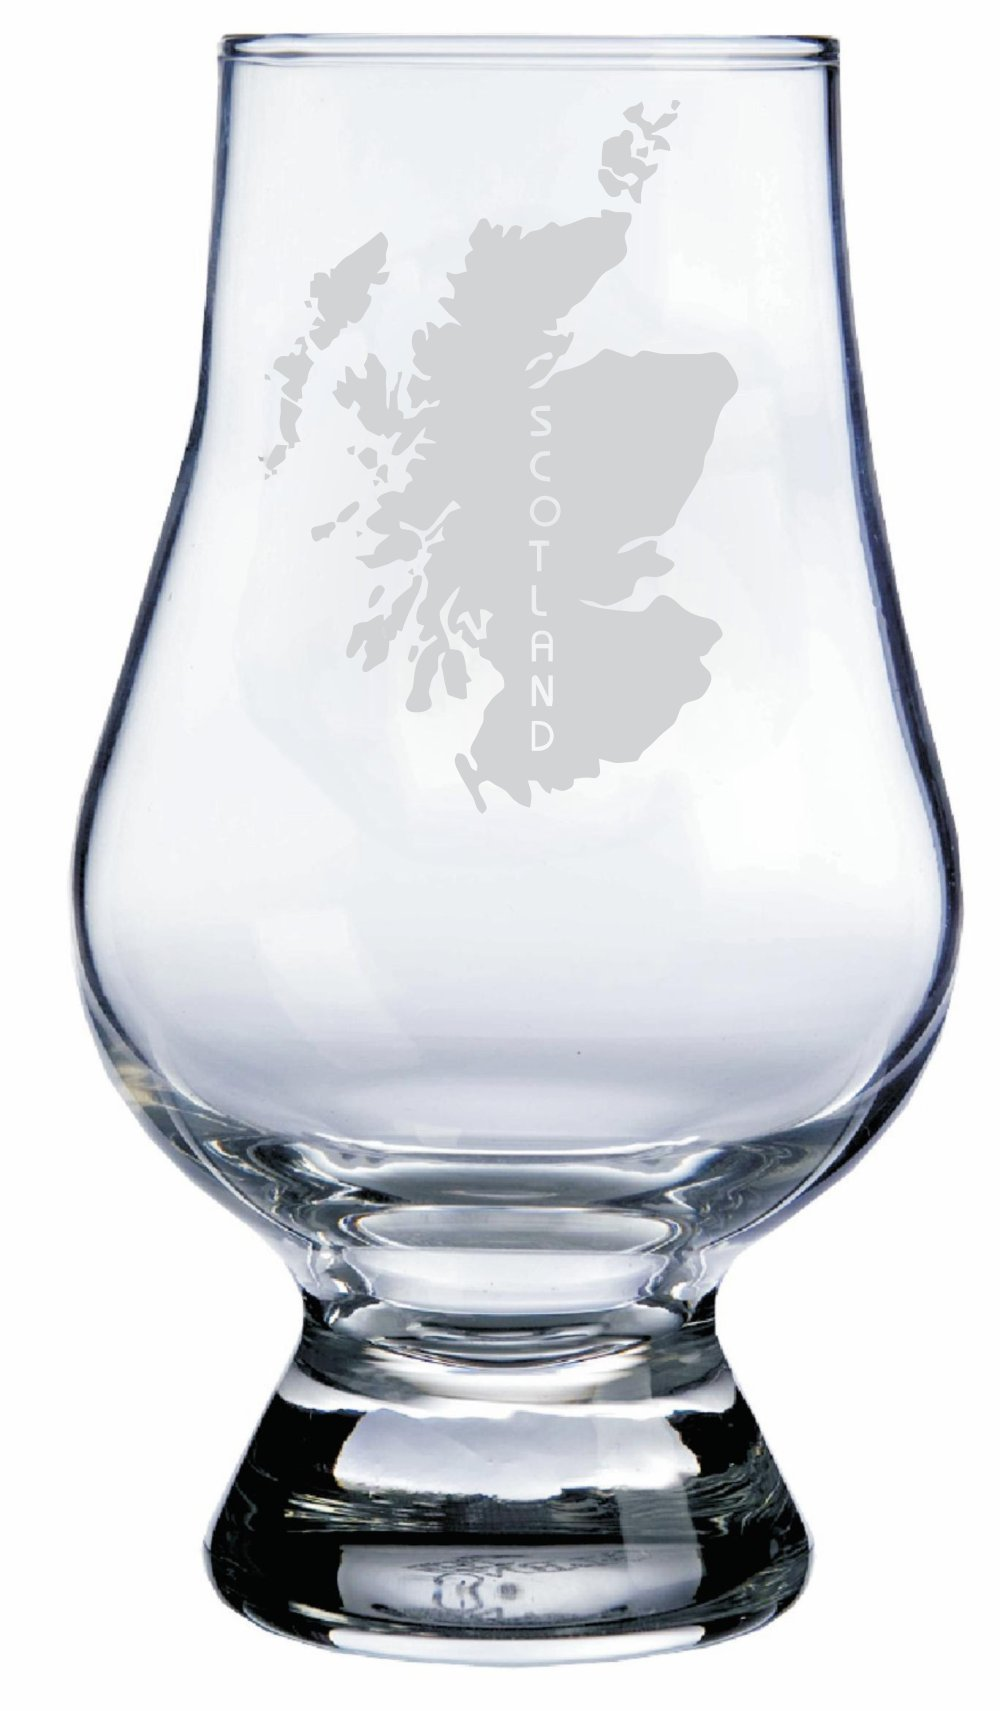 Scotland Themed Glencairn Whisky Glass